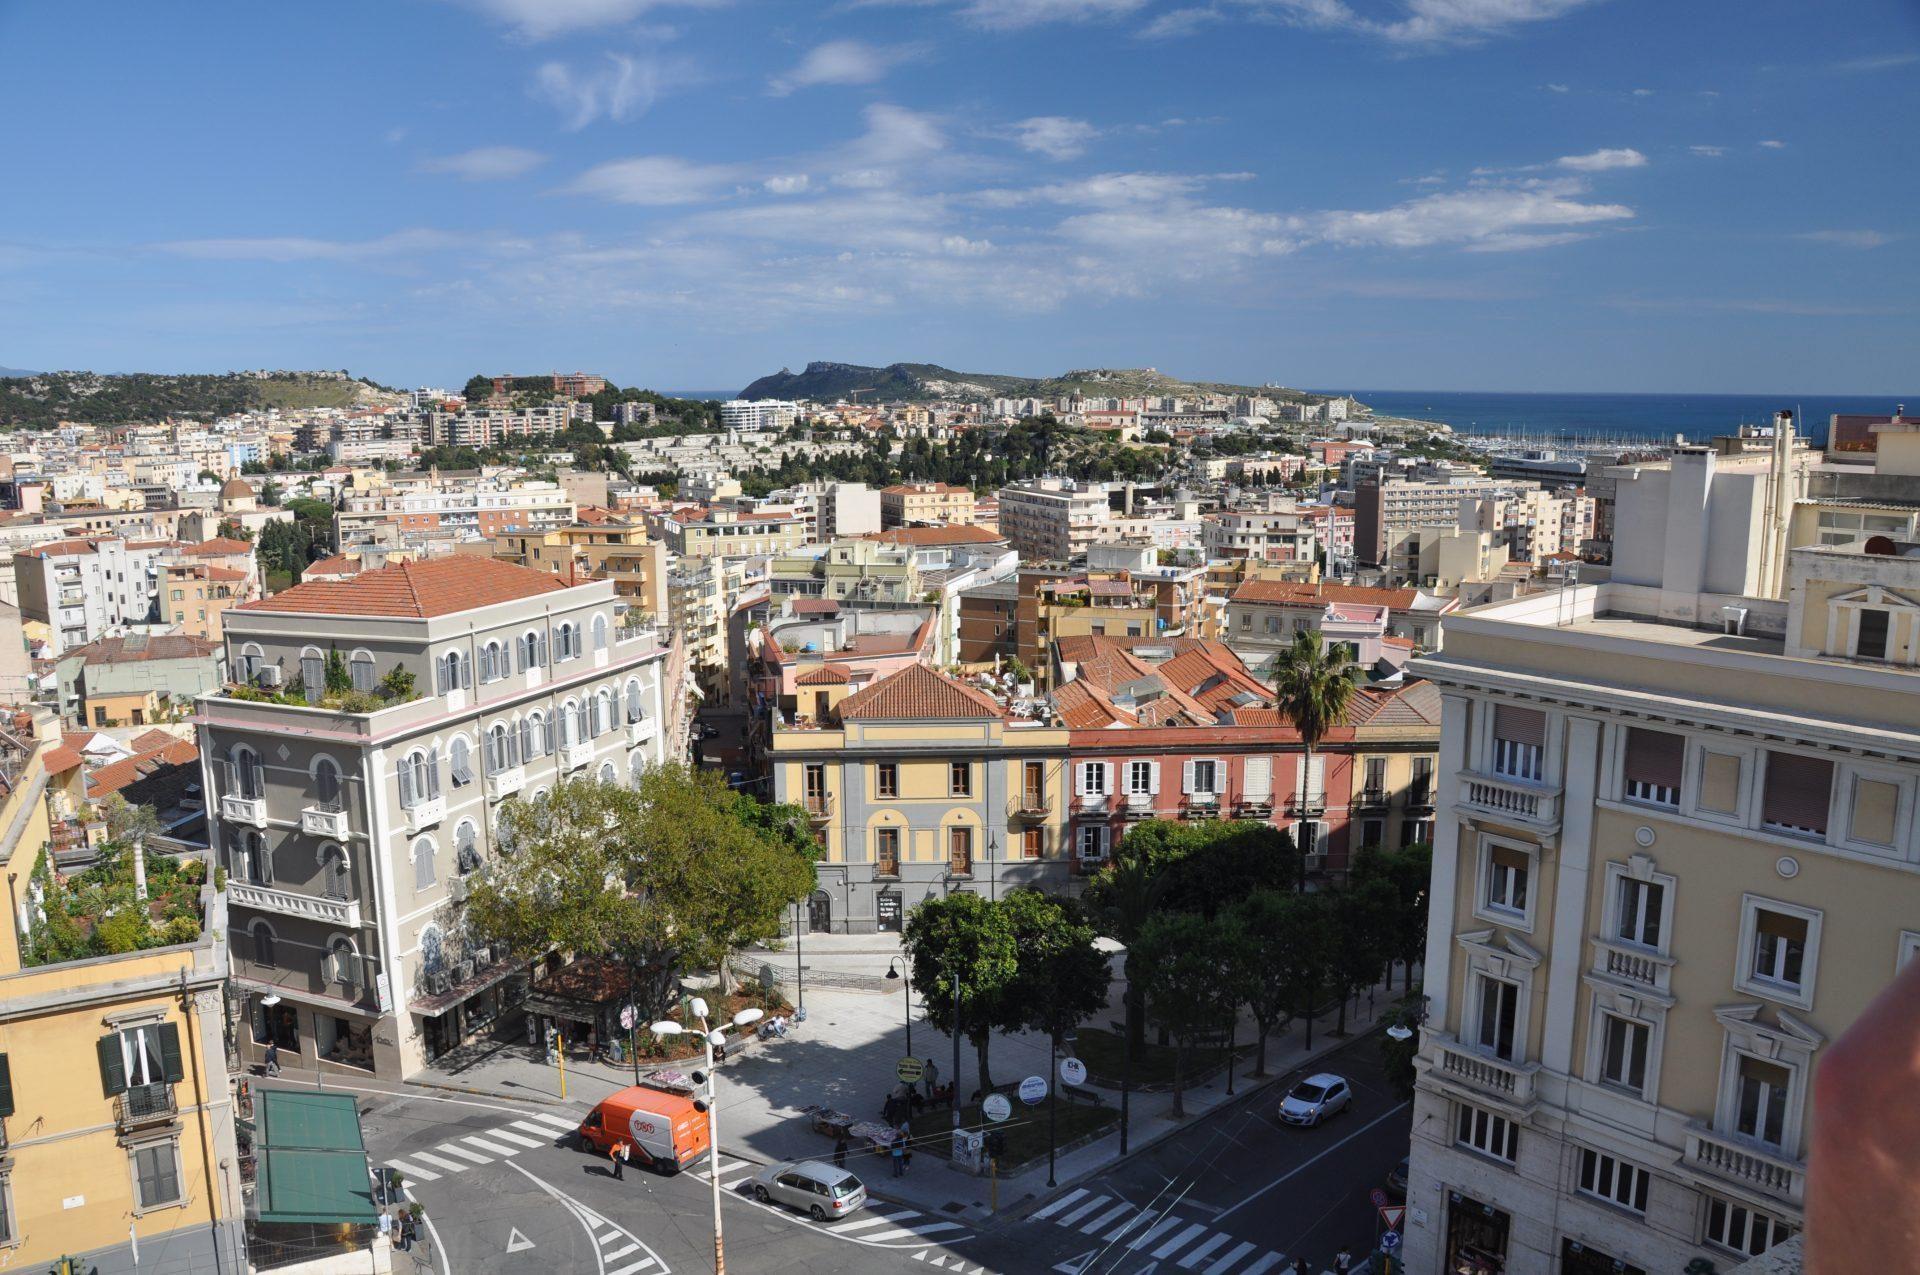 Cagliari glavne mesto sardinije